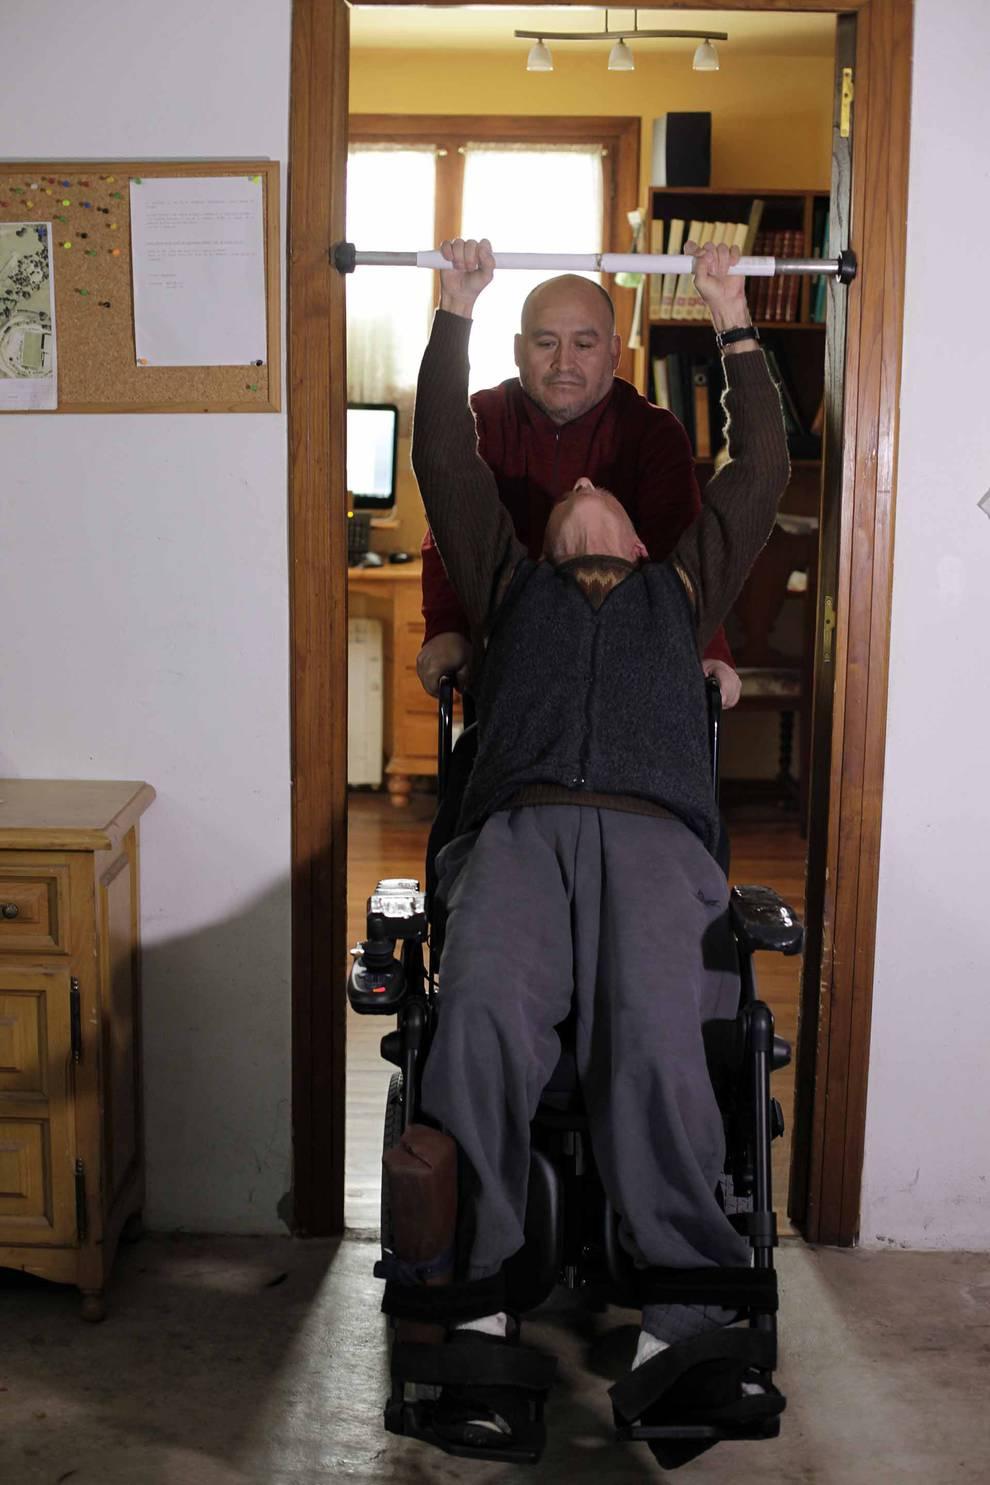 Cada día, al concluir su rutina de trabajo, Tomás realiza ejercicios de estiramiento con una barra.